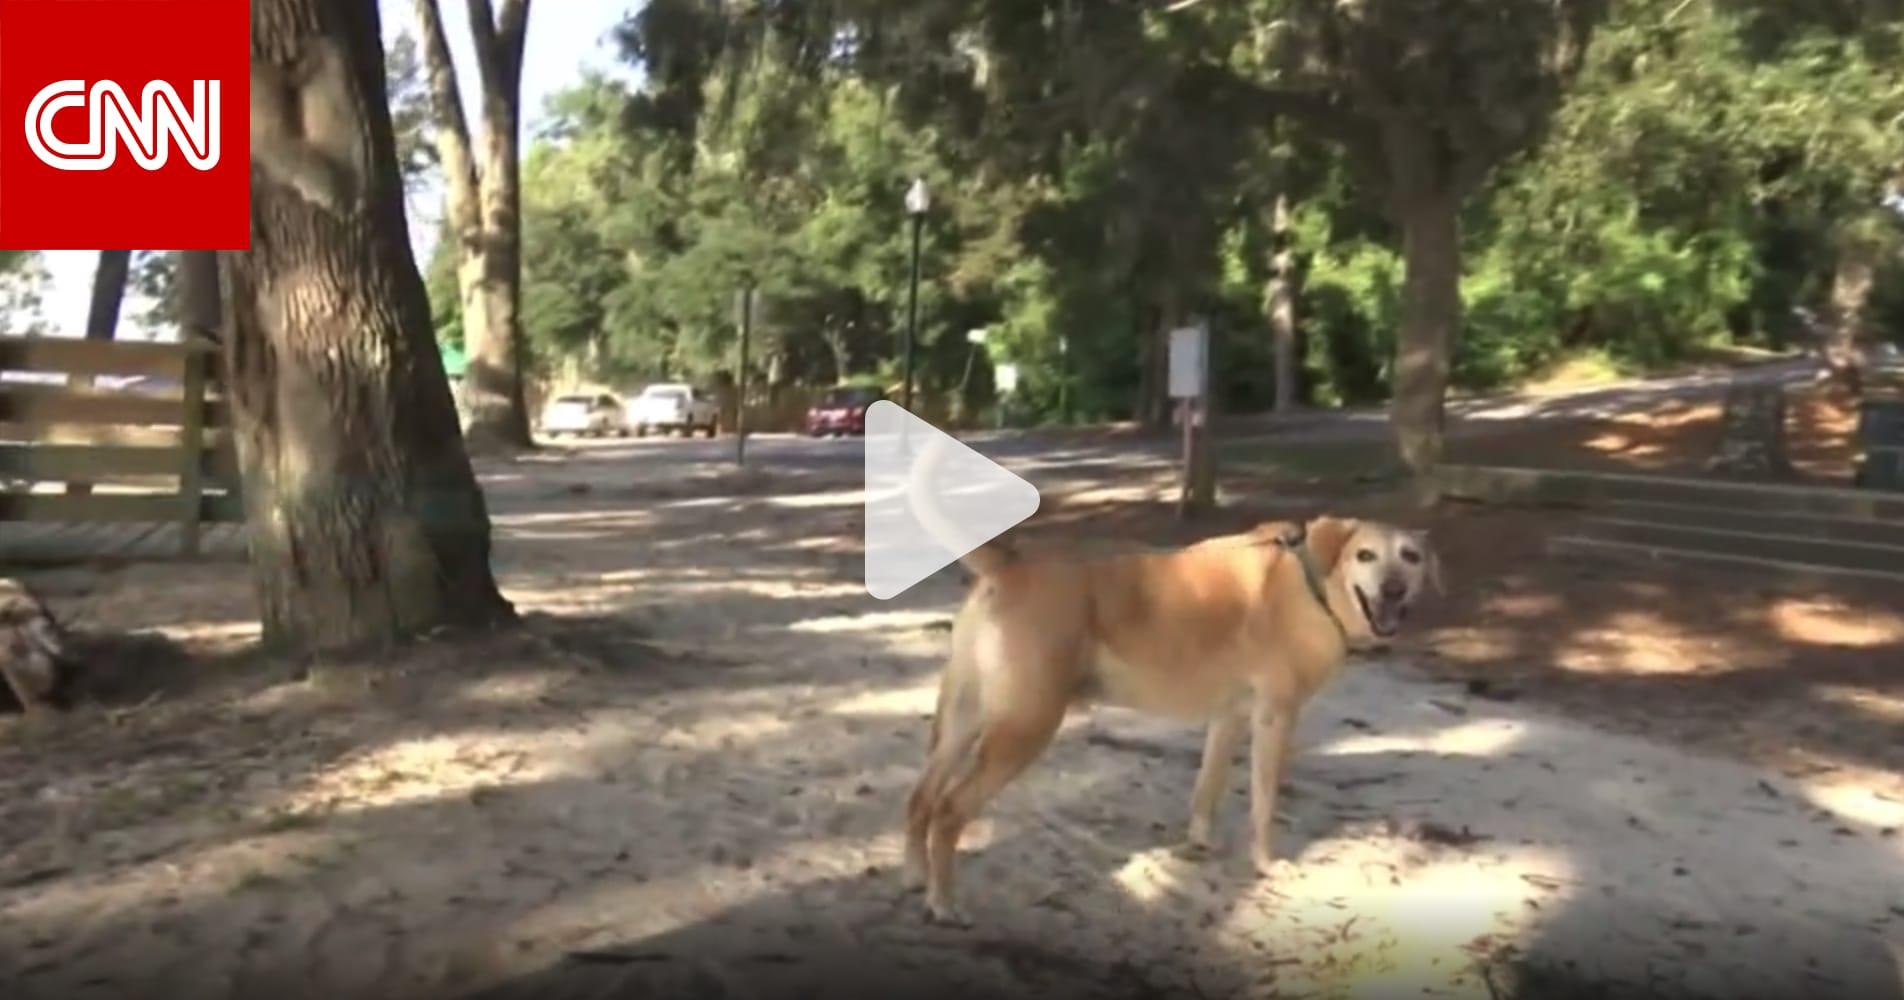 تمساح ضخم يقتل كلبا حاول حماية مالكه في مدينة أمريكية